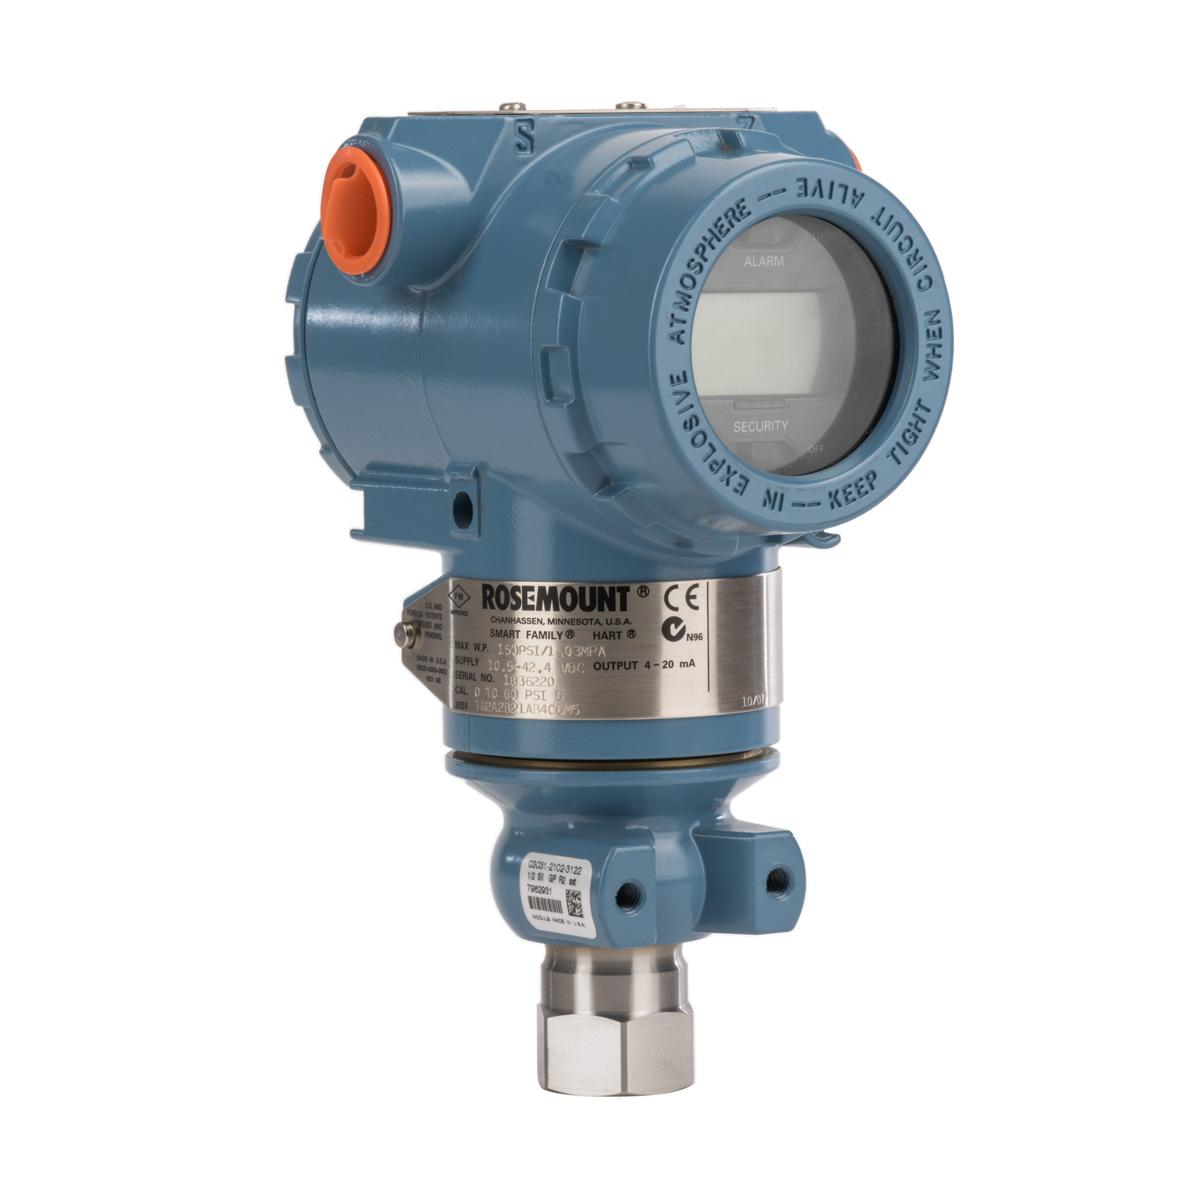 Rosemount 3051TG Gauge Pressure Transmitter